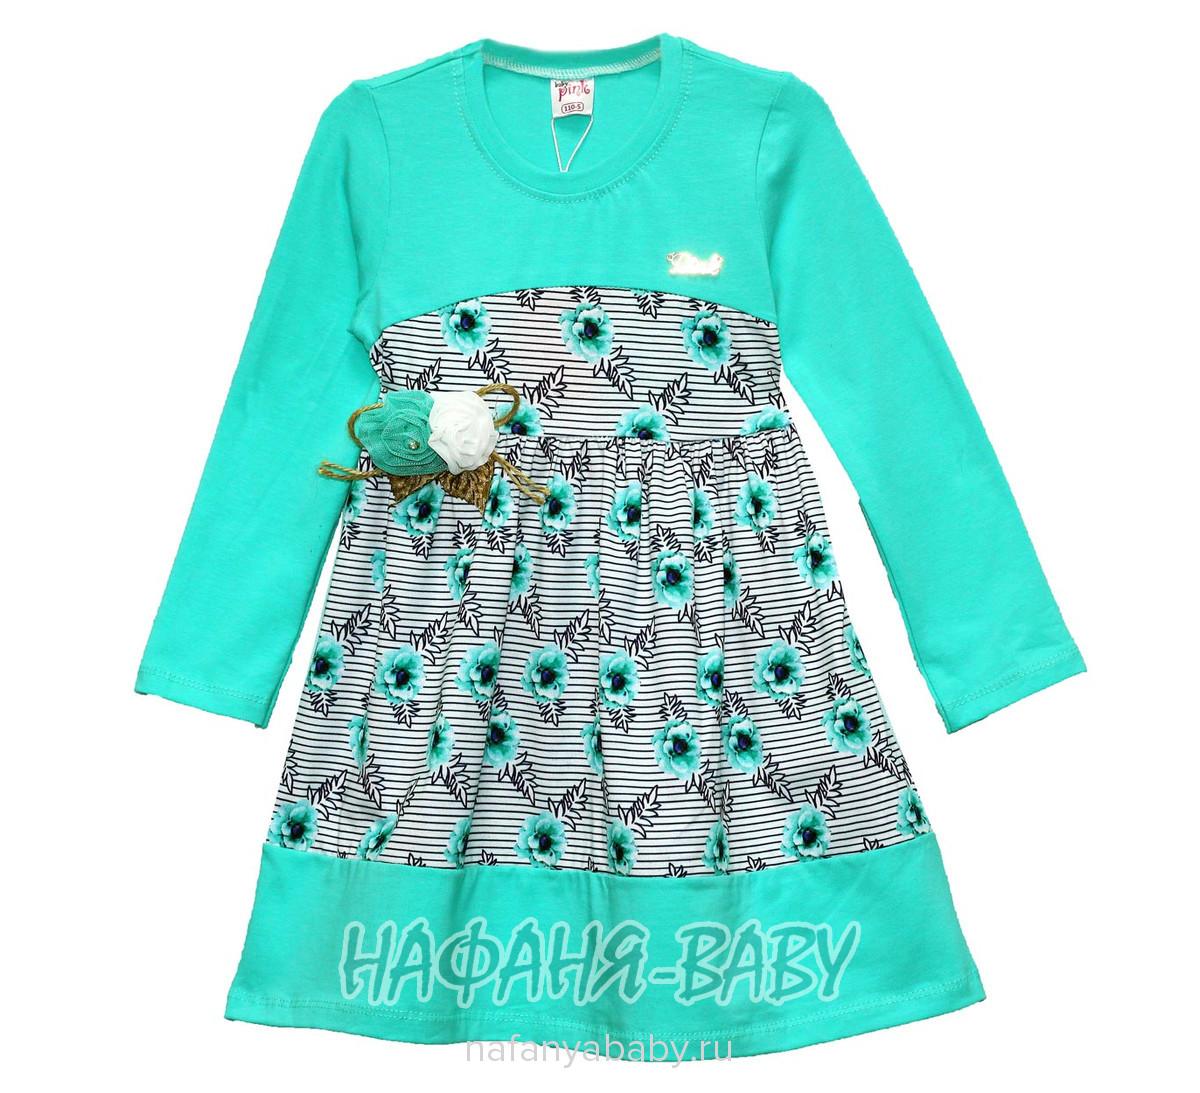 Детское платье PINK арт: 9289, 1-4 года, 5-9 лет, оптом Турция